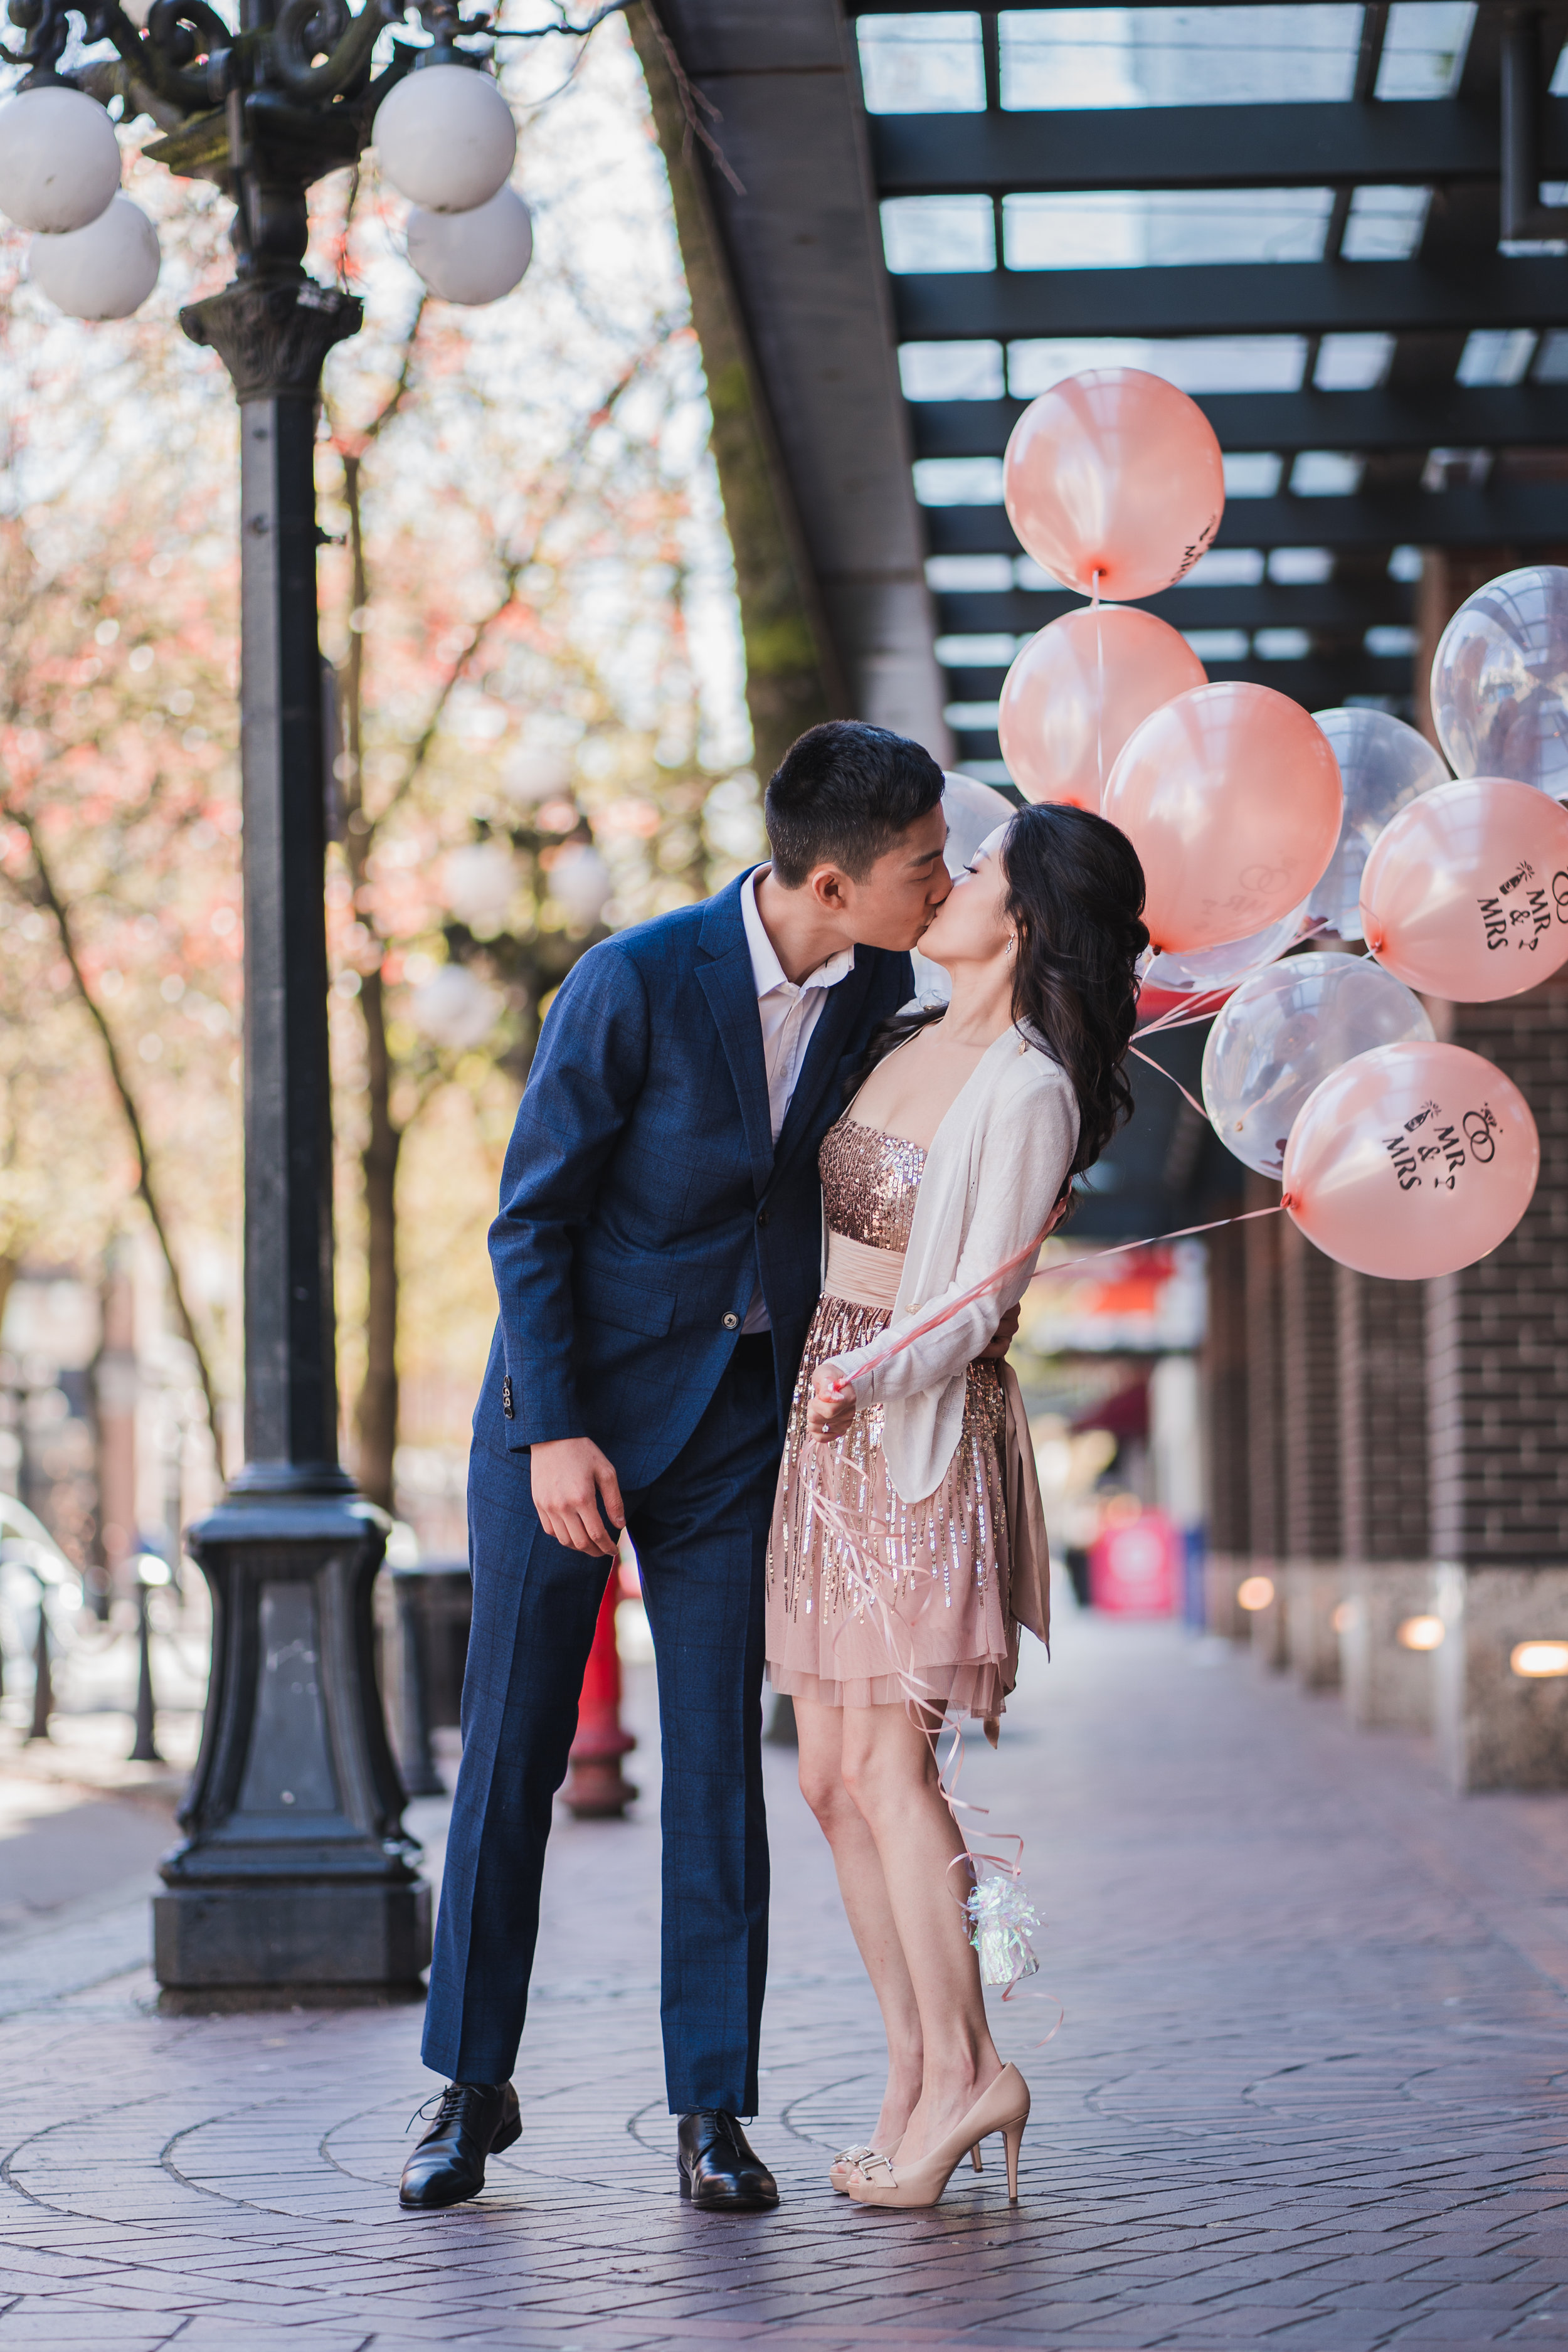 20190428 - Rachel & Brandon Engagement - 0059.jpg